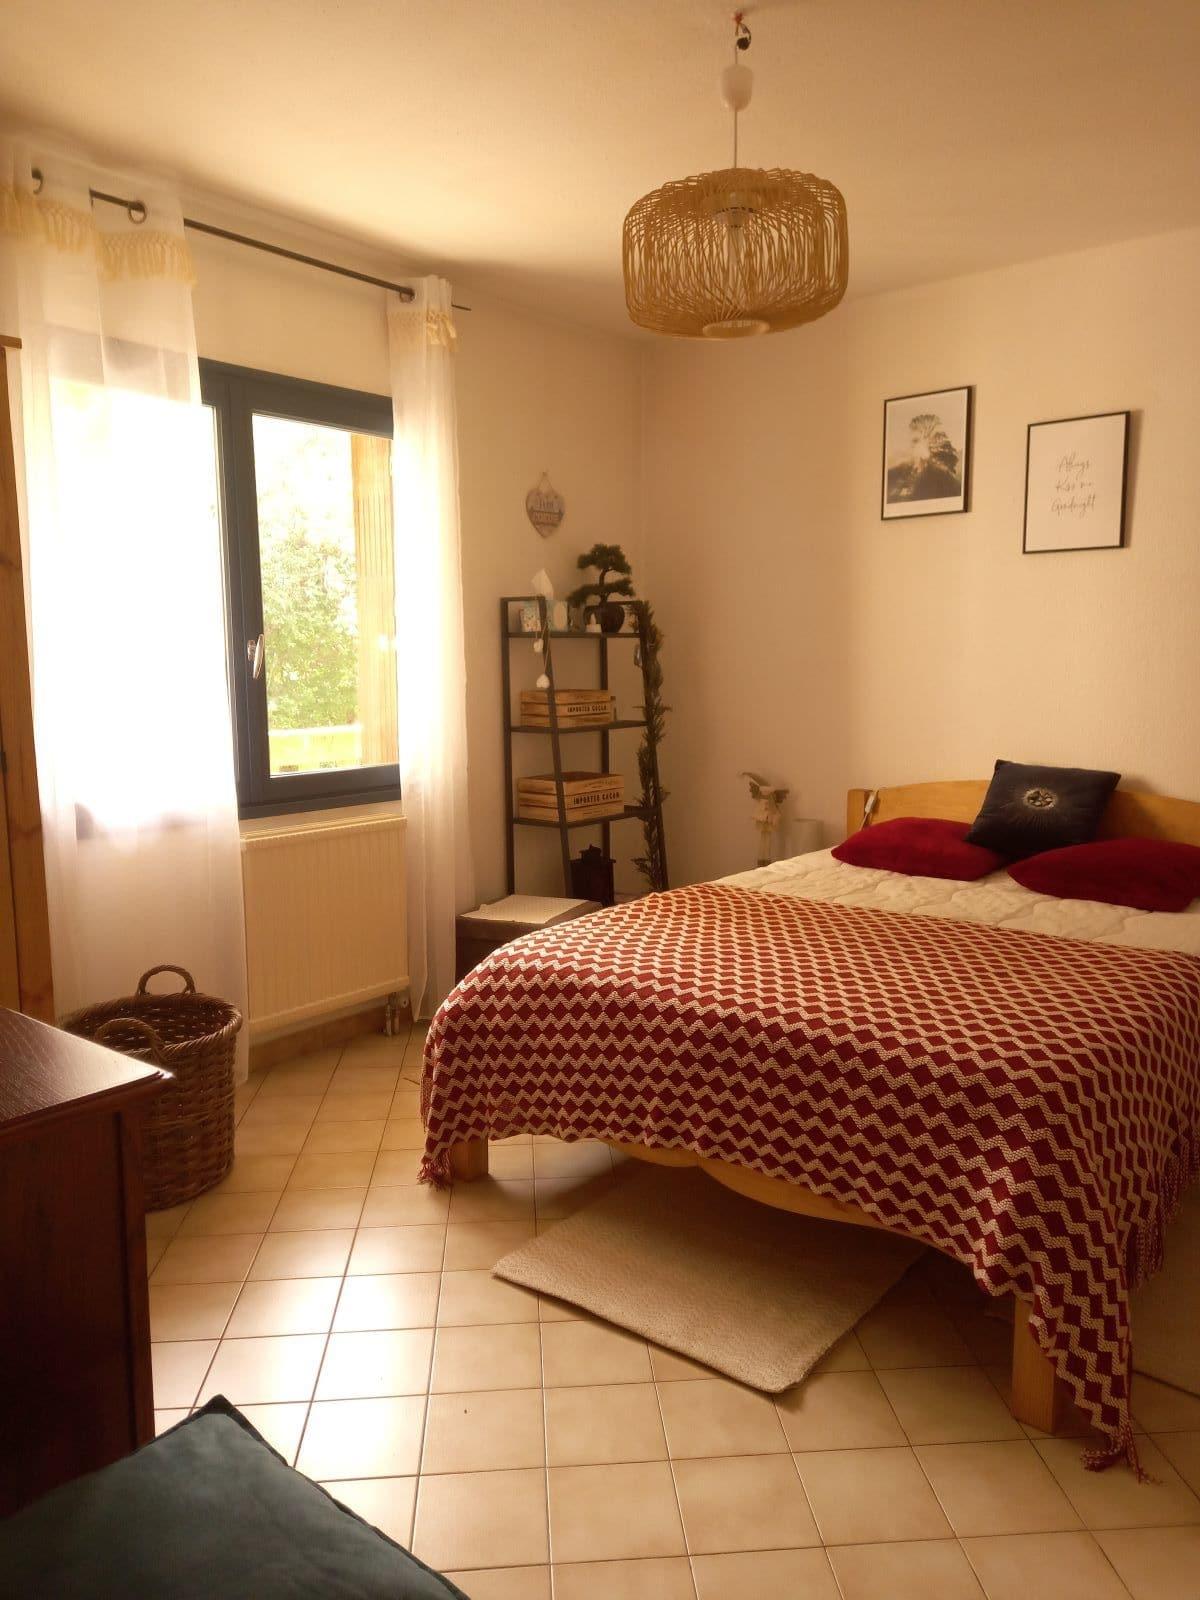 20210617 122342 - SAINT-LEGER-LES-MELEZES T2 DE 42 m² (4 COUCHAGES) AVEC JARDIN